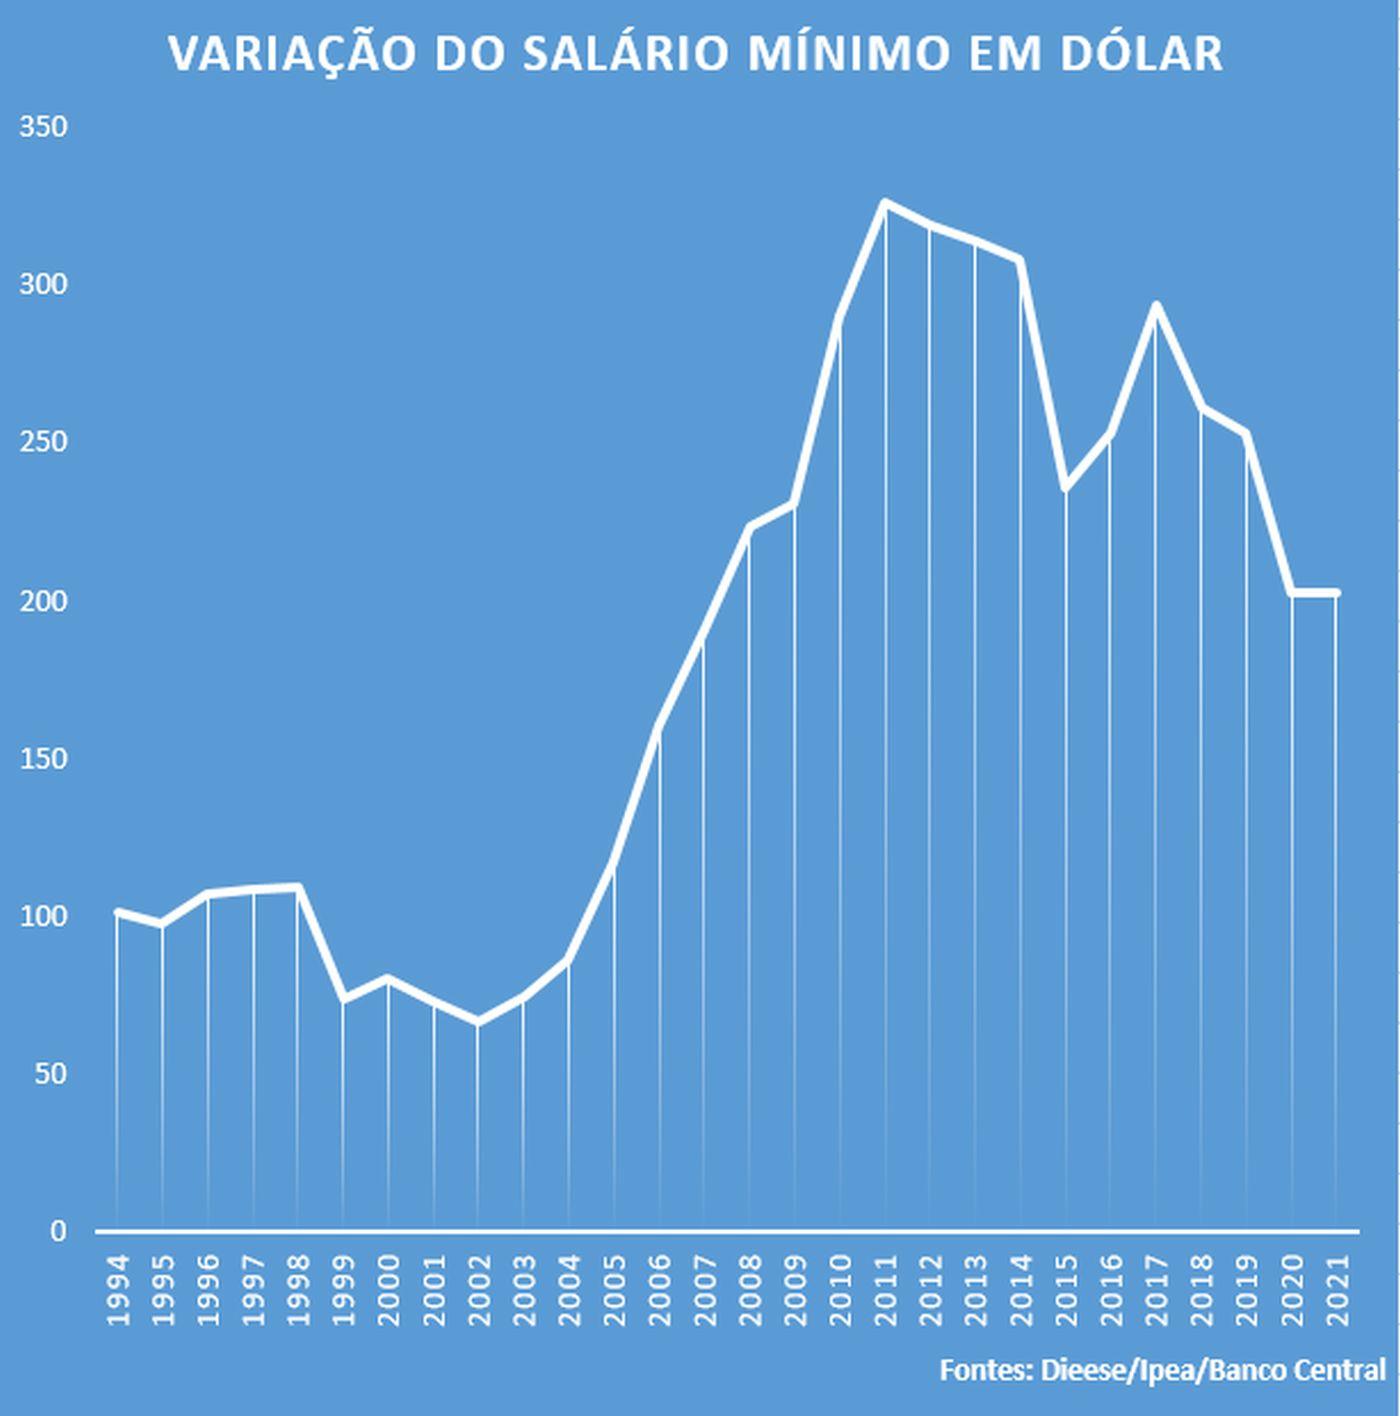 O salário mínimo brasileiro, que chegou a superar US$ 300, hoje está em cerca de US$ 200, uma redução de mais de 30%.